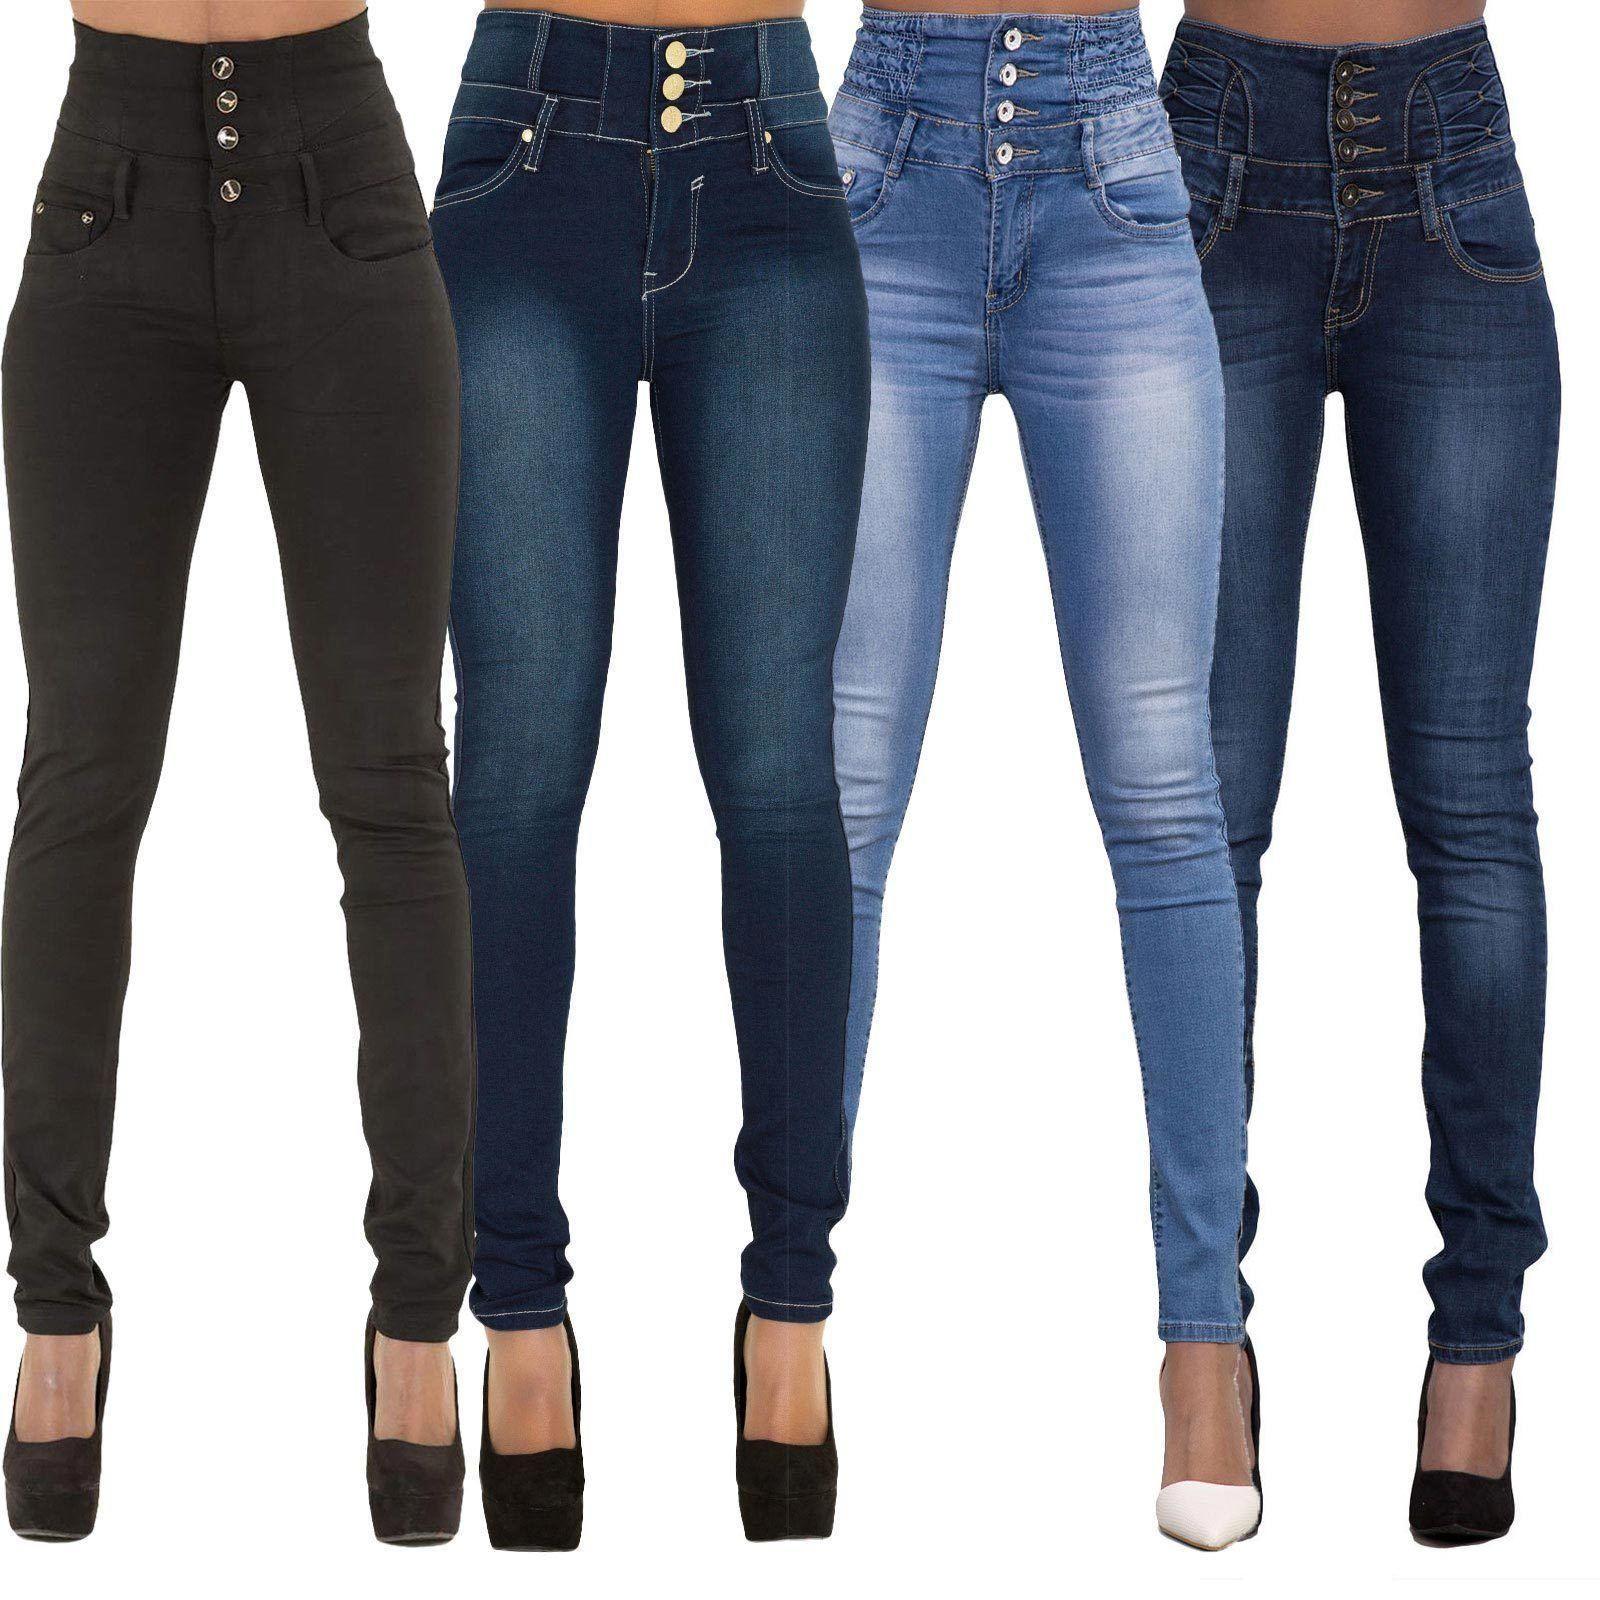 Новые модные женские туфли джинсовые узкие Штаны Джеггинсы Высокая талия стрейч Джинсы для женщин тонкий карандаш Брюки для девочек лосины